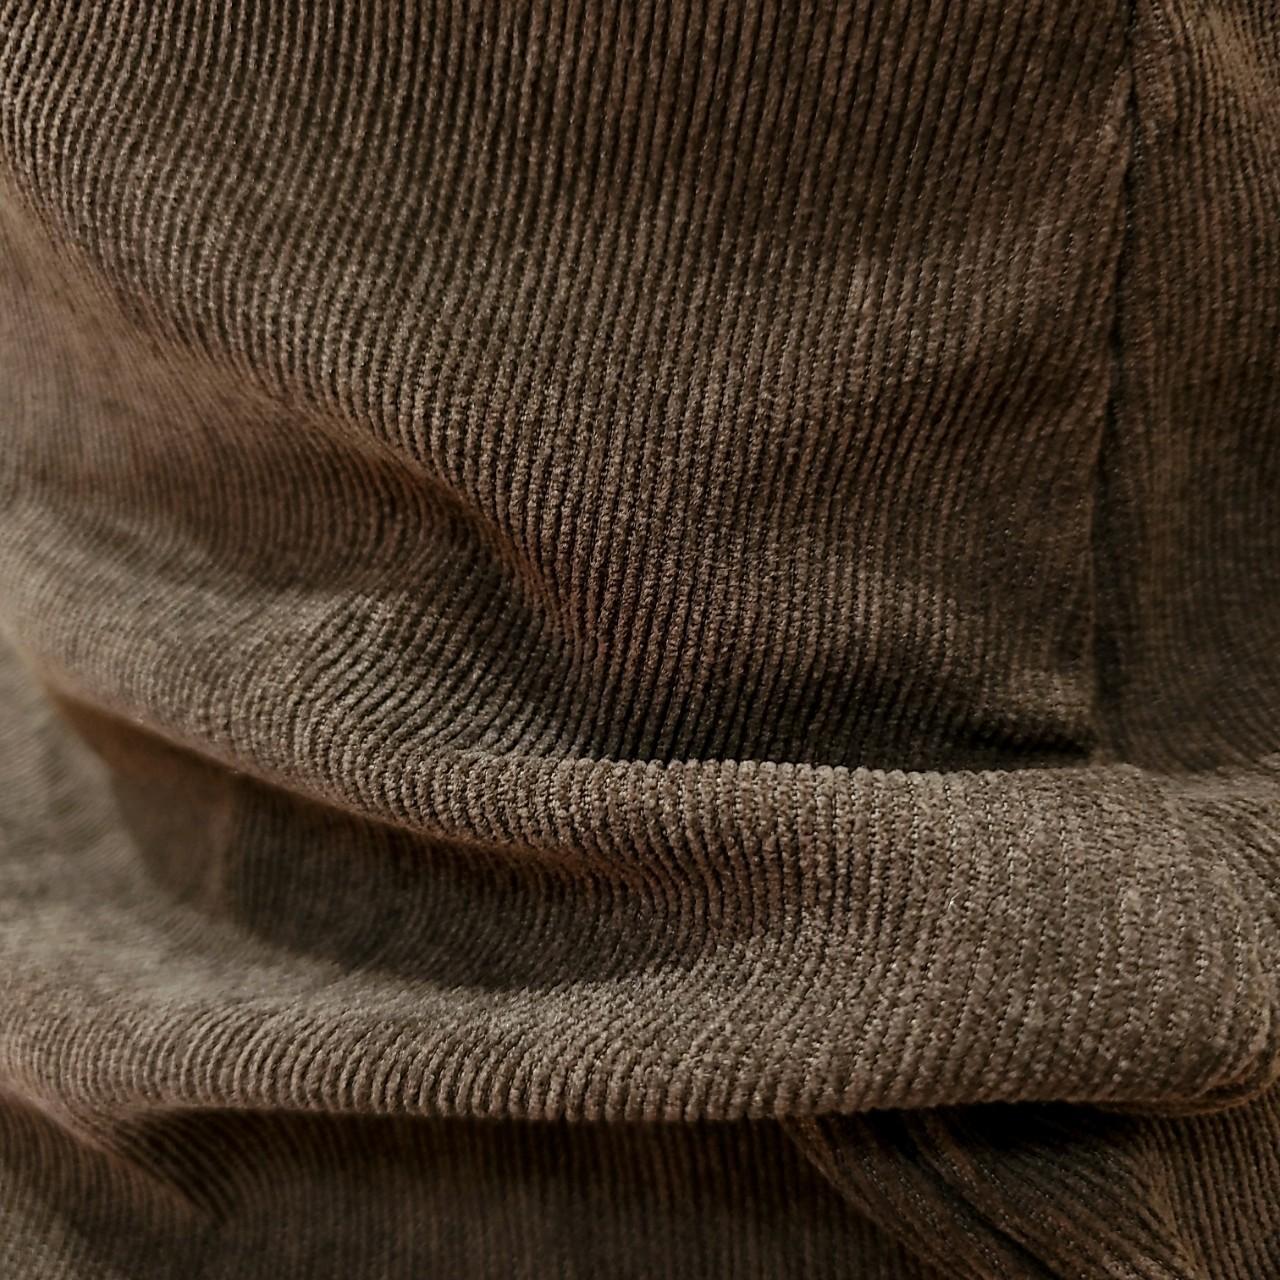 【即納】韓国 ファッション スカート ミニ ボトムス 秋 冬 カジュアル SPTXG567  コーデュロイ ベイクドカラー ガーリー オルチャン シンプル 定番 セレカジの写真20枚目